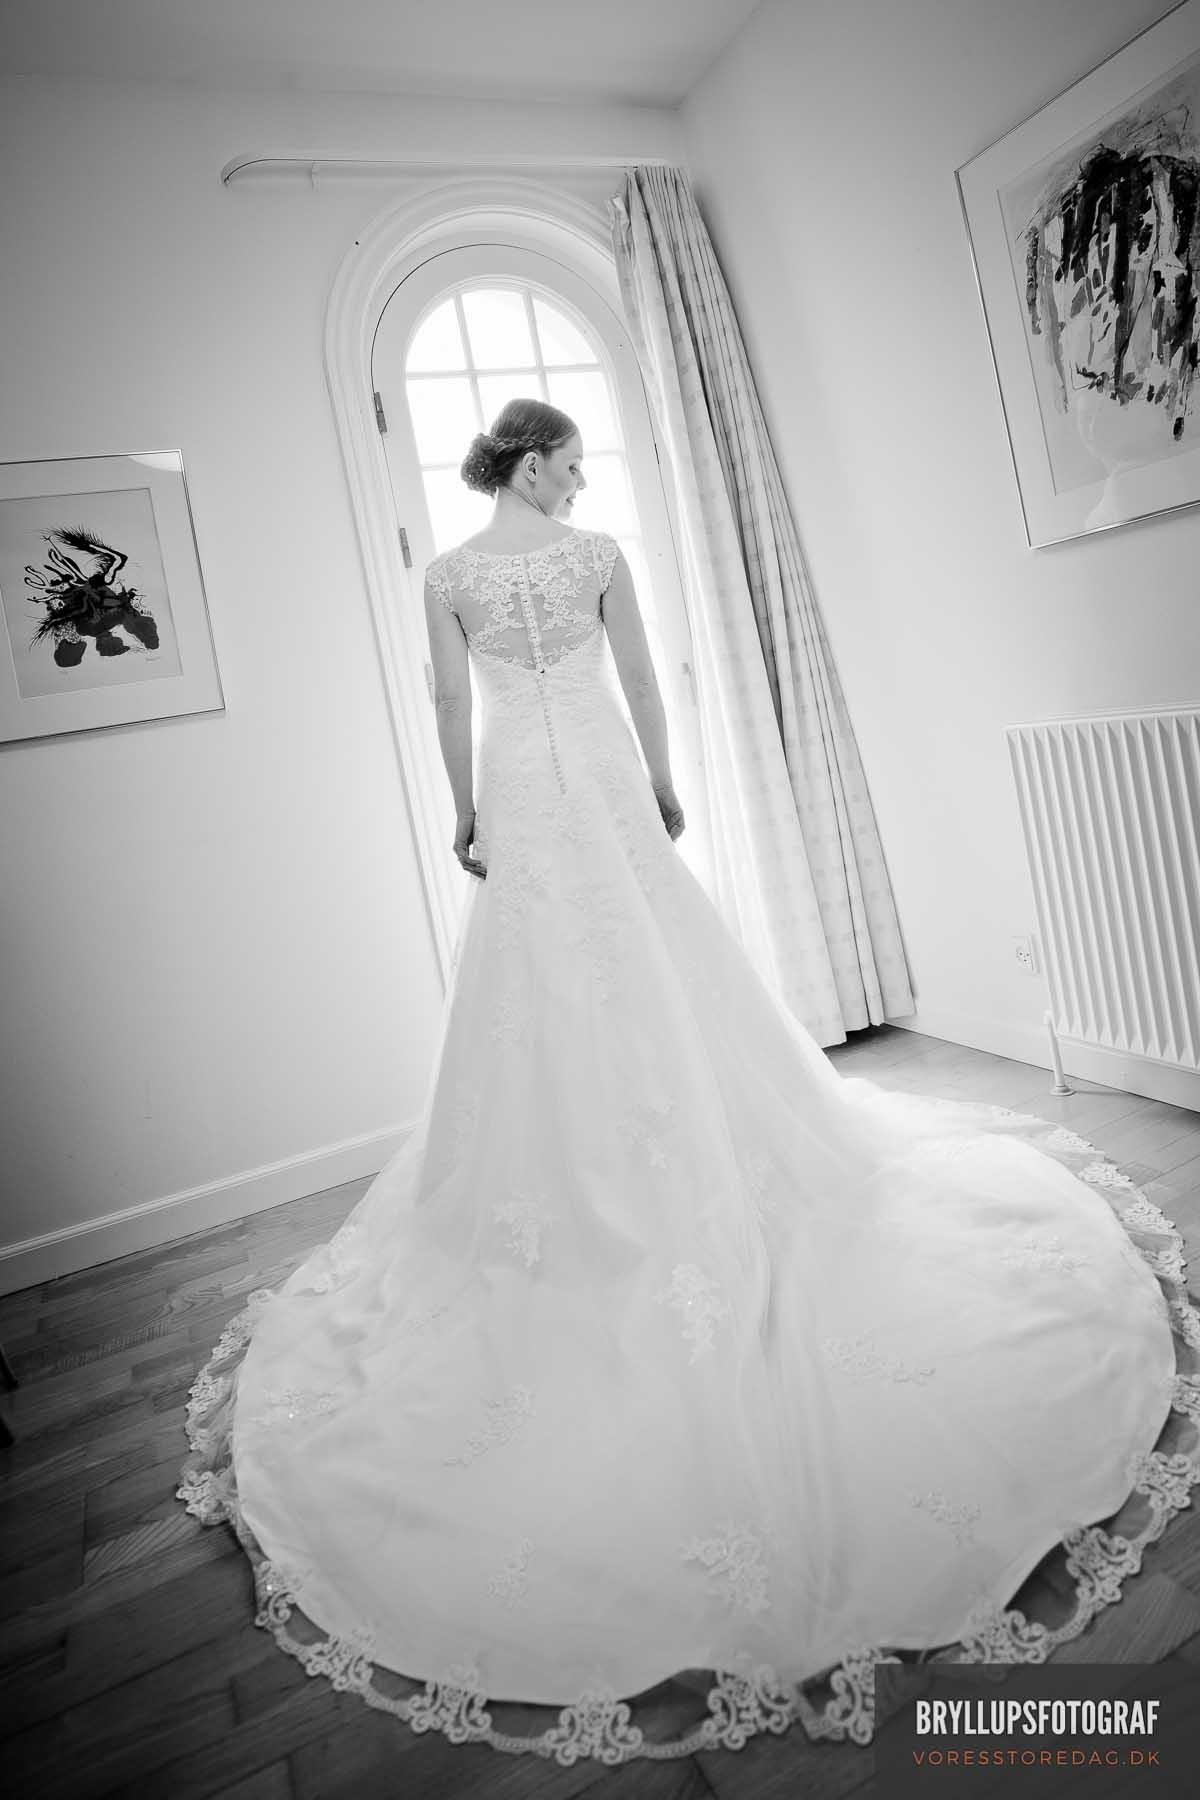 Et uforglemmeligt bryllup Esbjerg